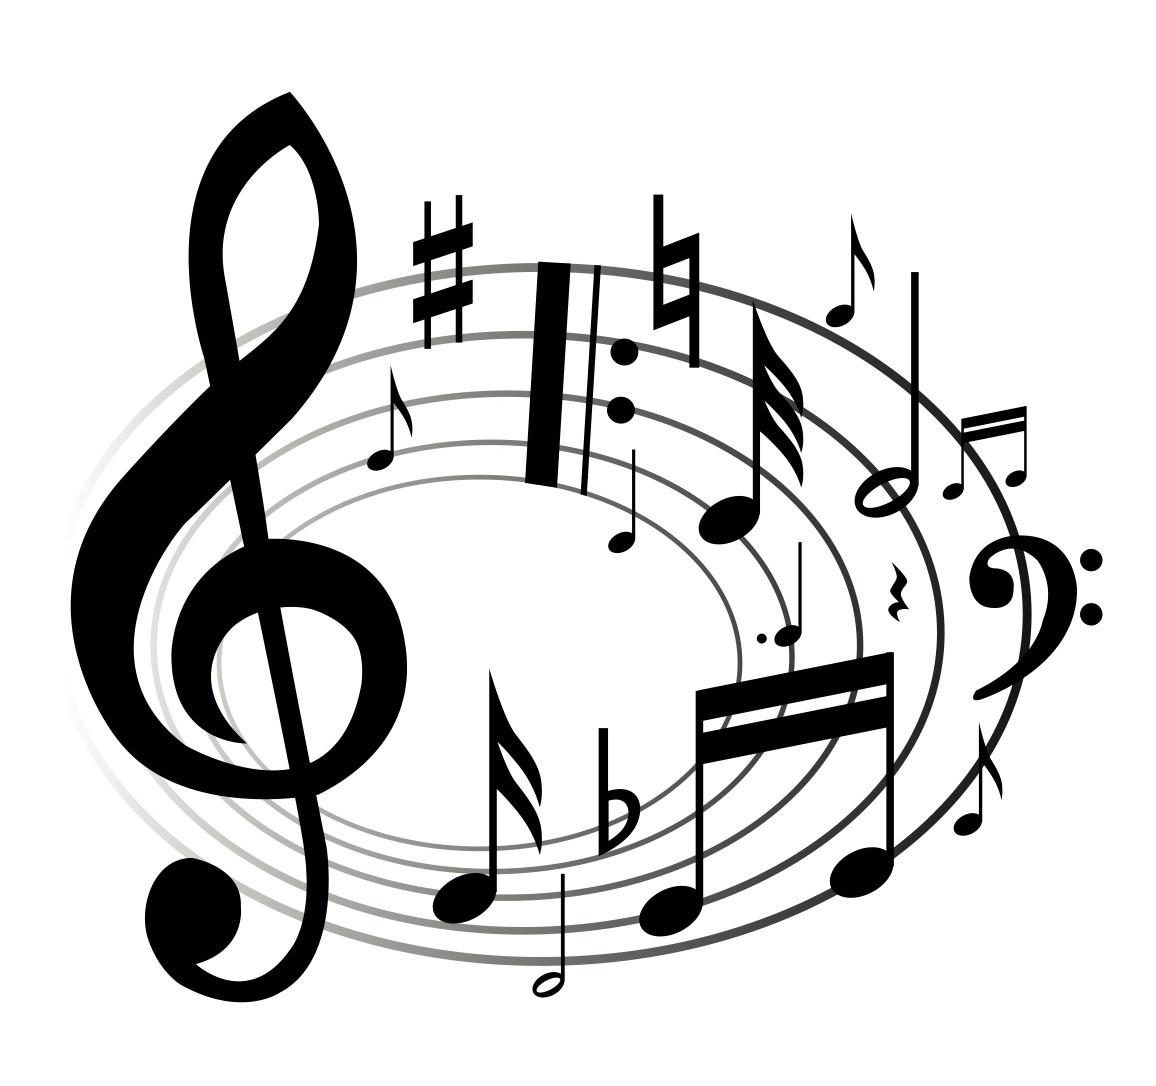 Hai voglia di cantare? inizia un corso di canto!!!